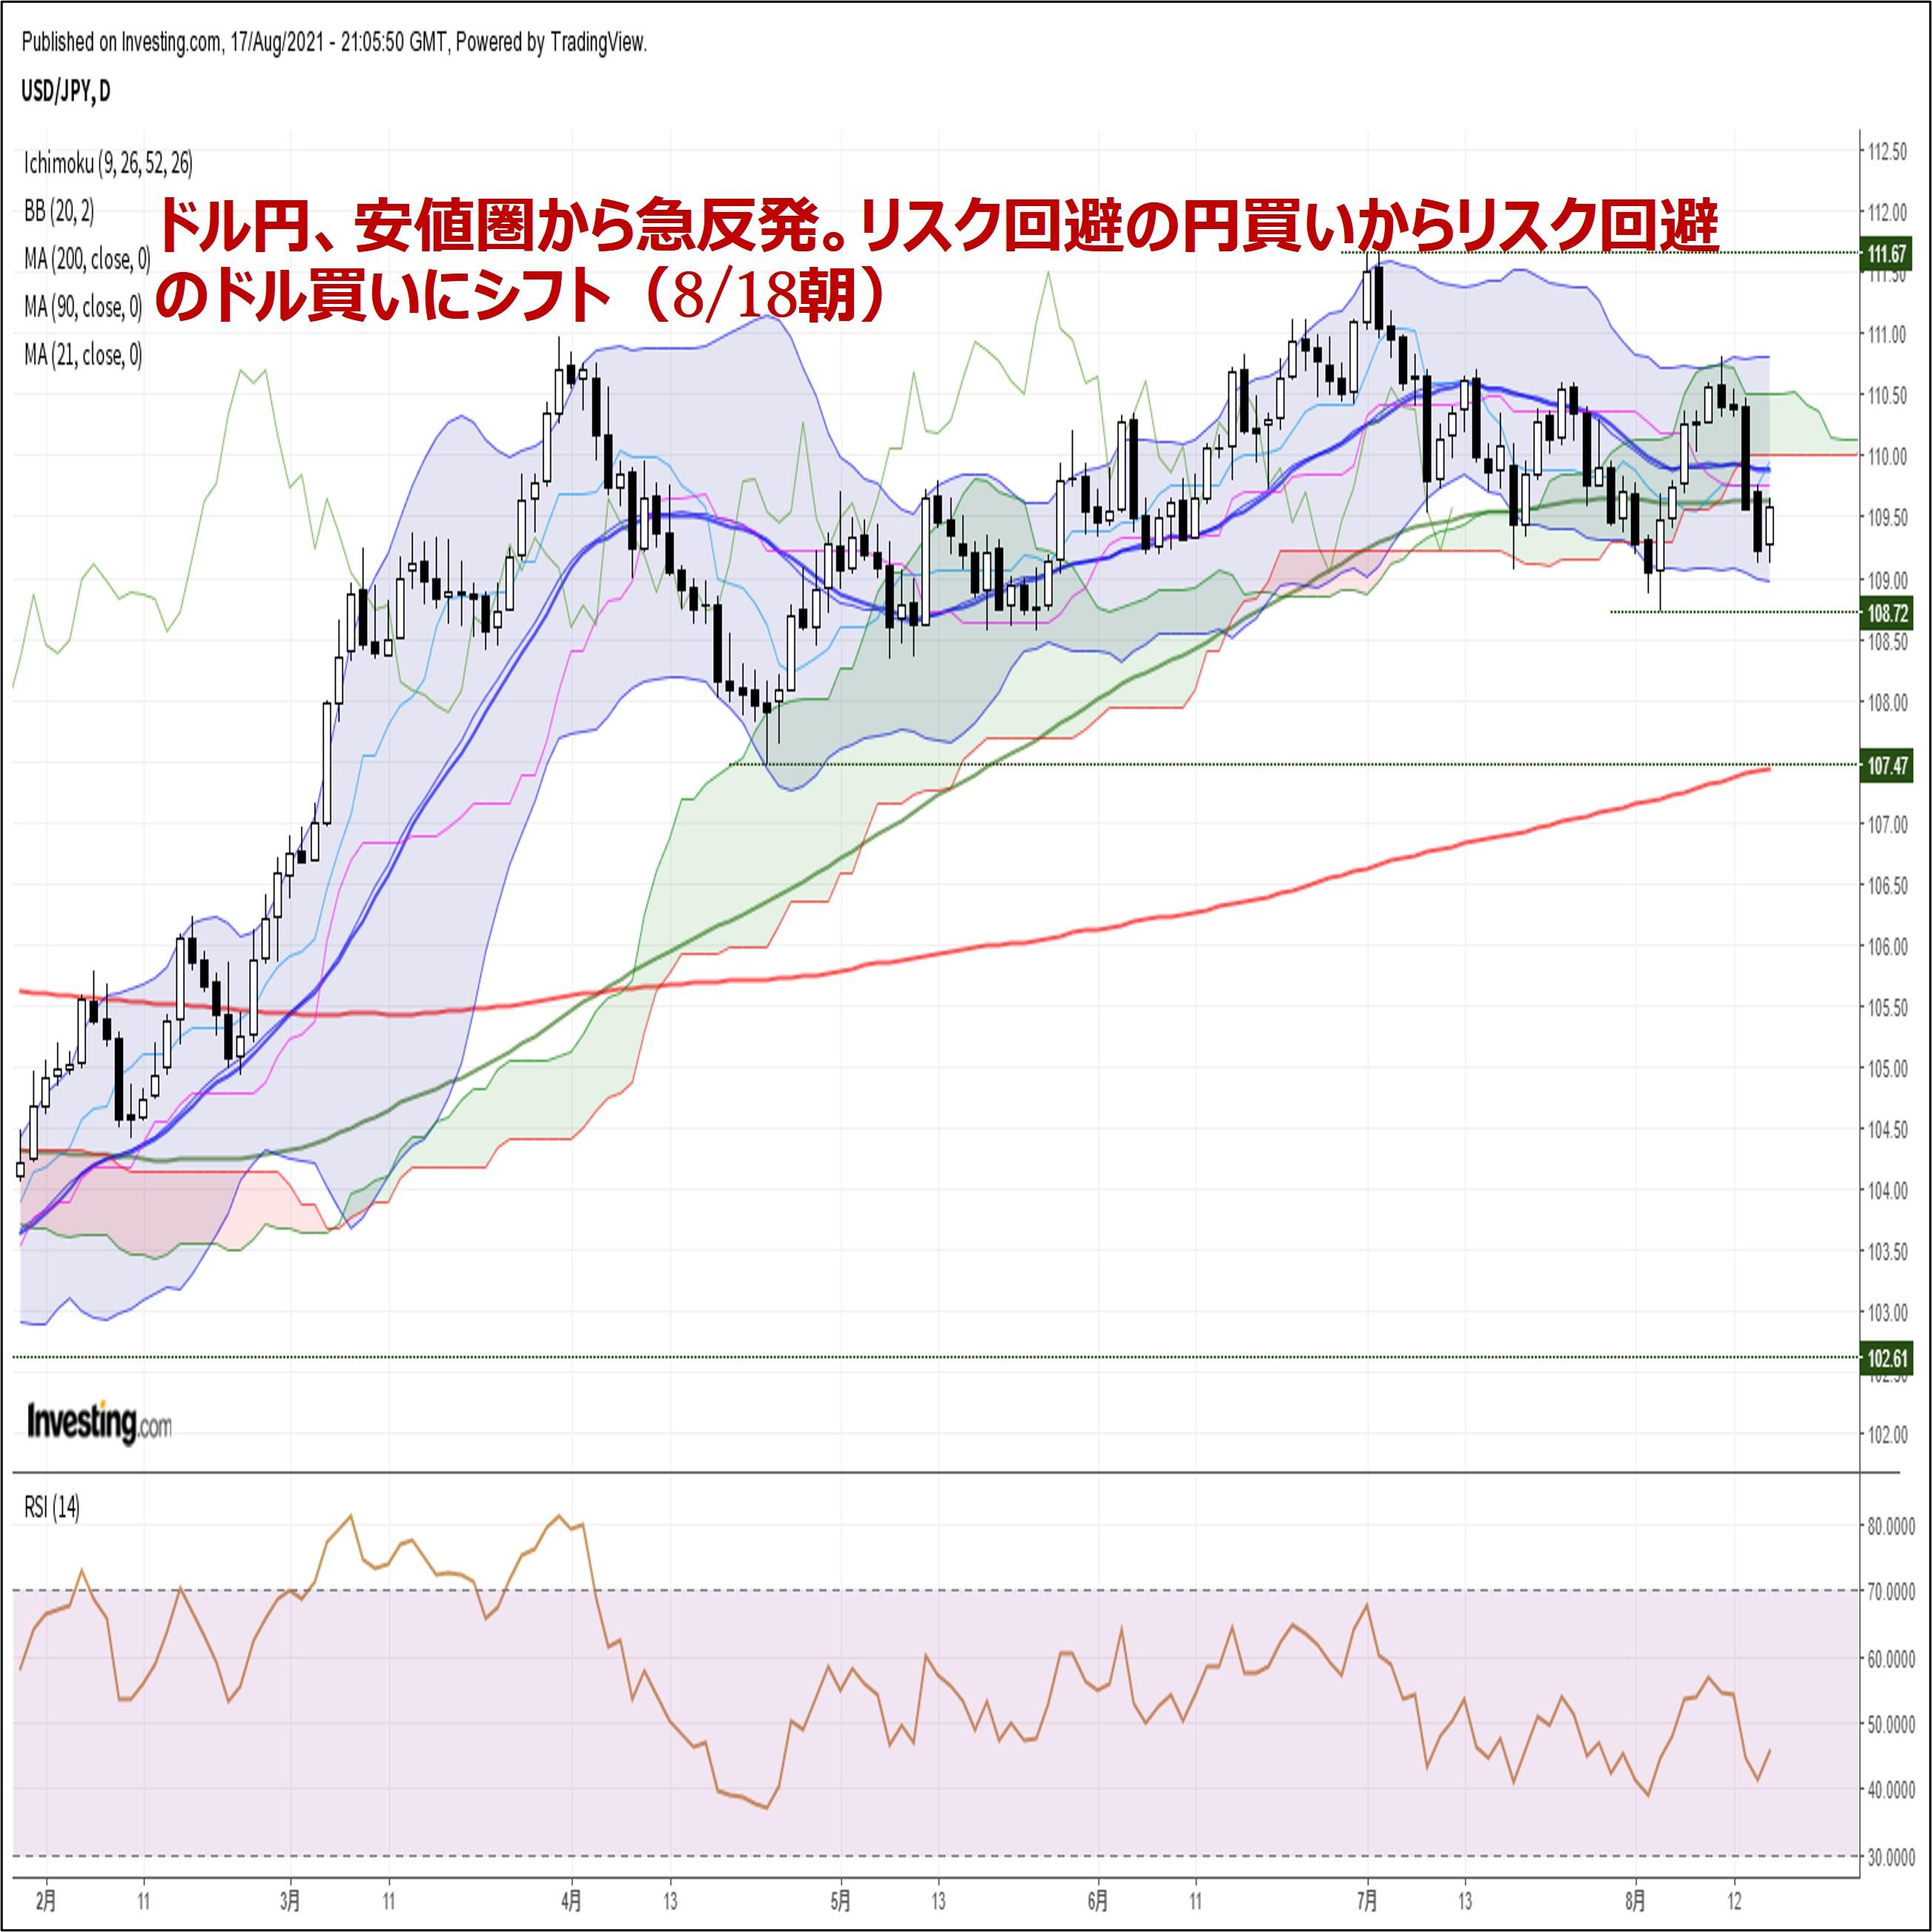 ドル円、安値圏から急反発。リスク回避の円買いからリスク回避のドル買いにシフト(8/18朝)